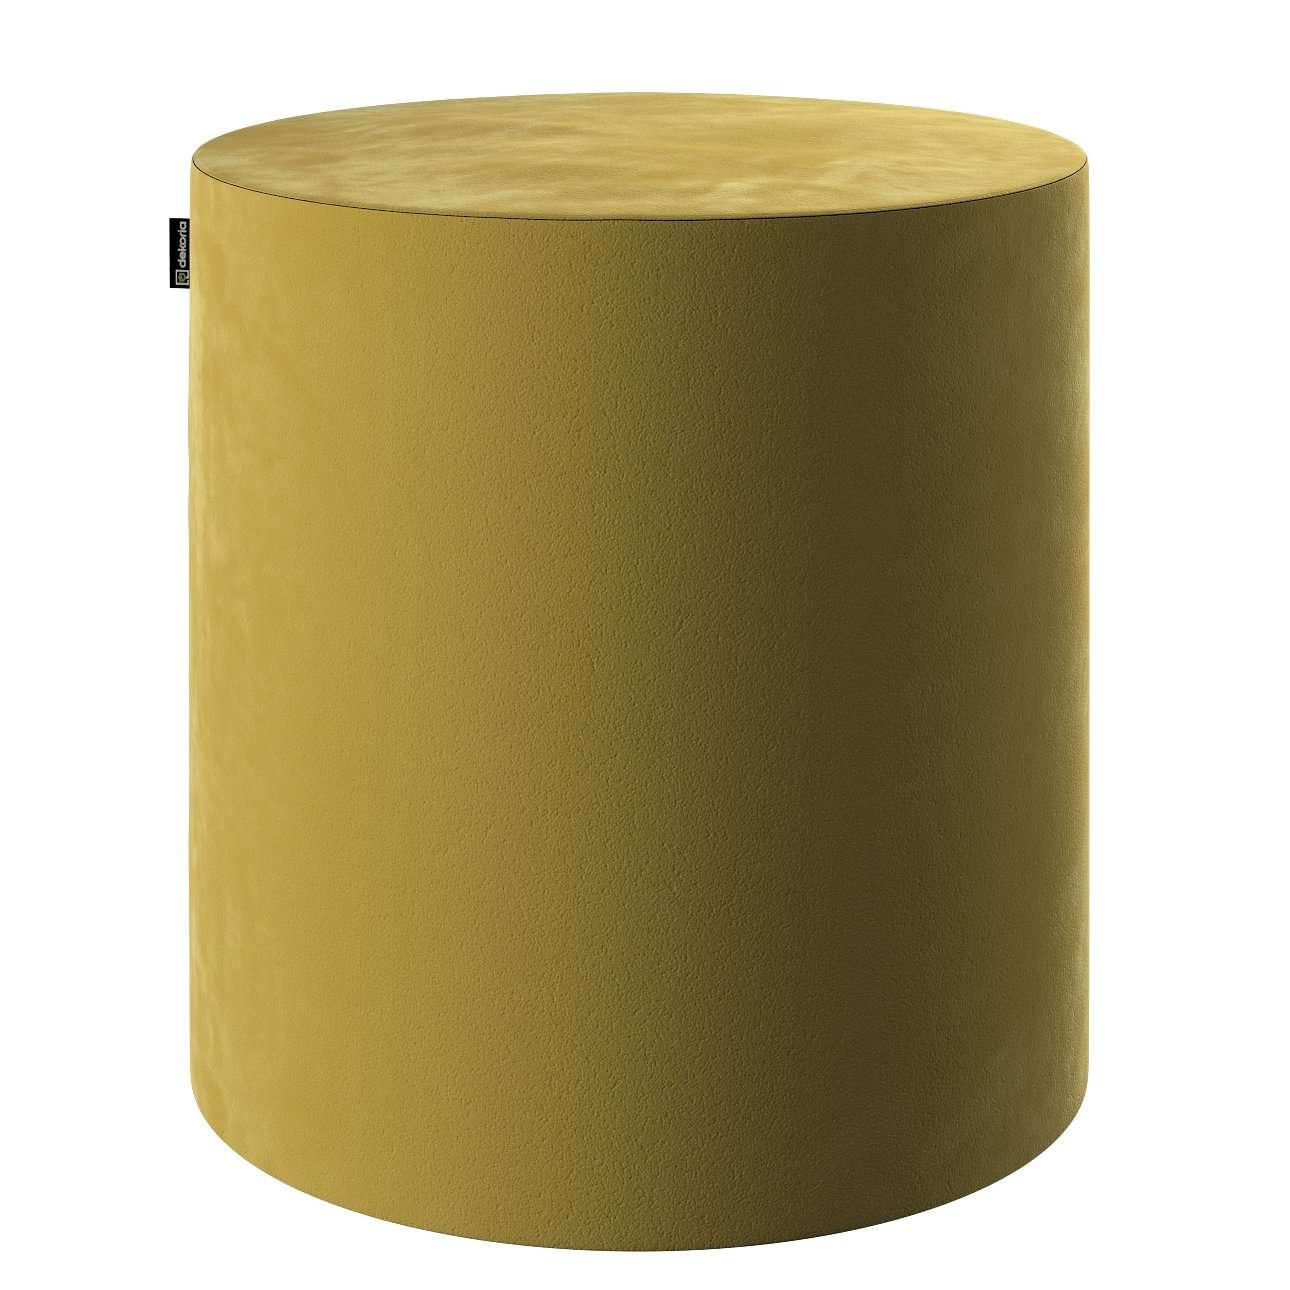 Pouf Barrel von der Kollektion Velvet, Stoff: 704-27